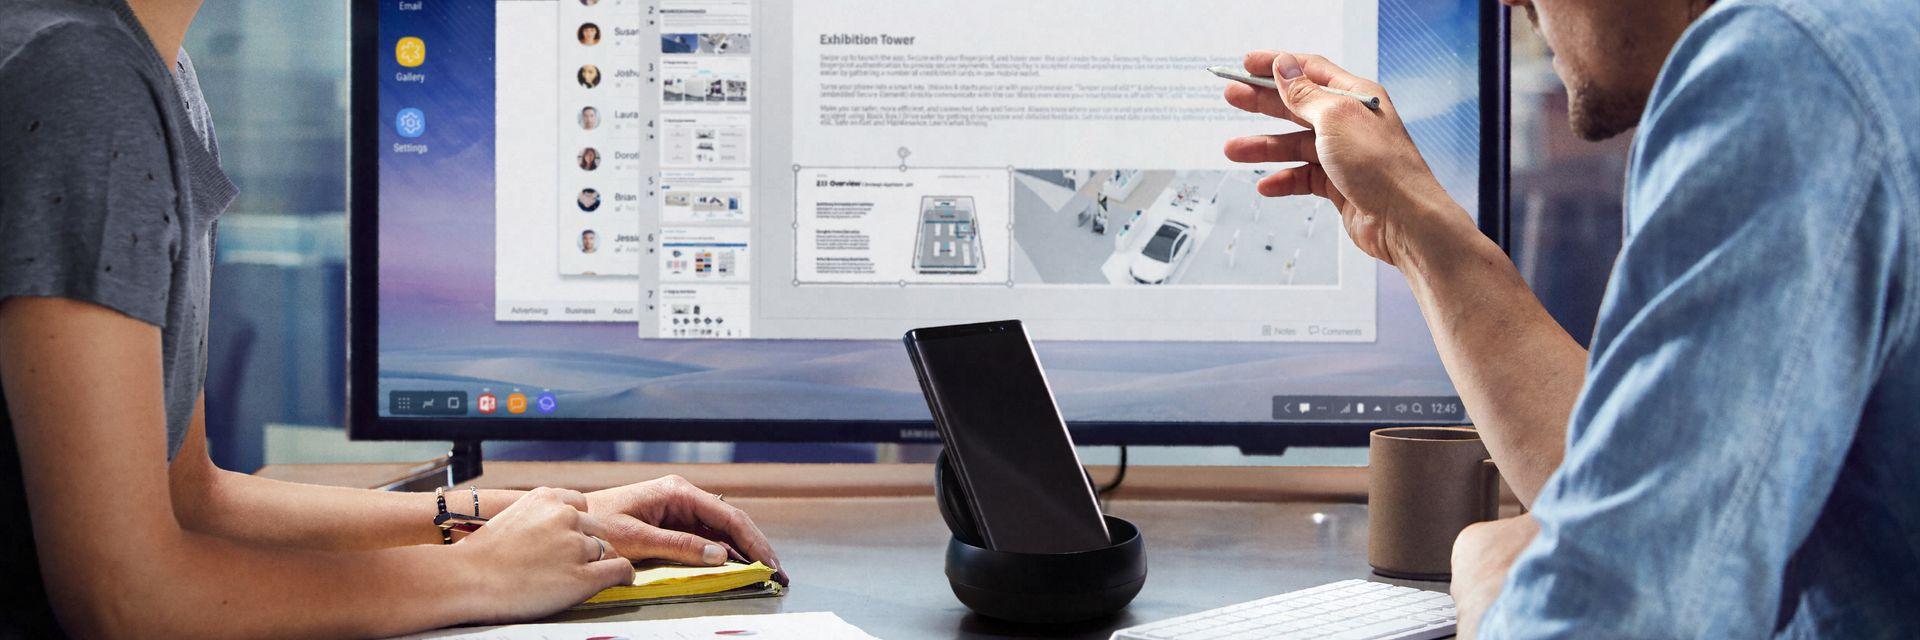 Stadig flere bedrifter satser mer og mer på mobilen som det viktigste verktøyet.